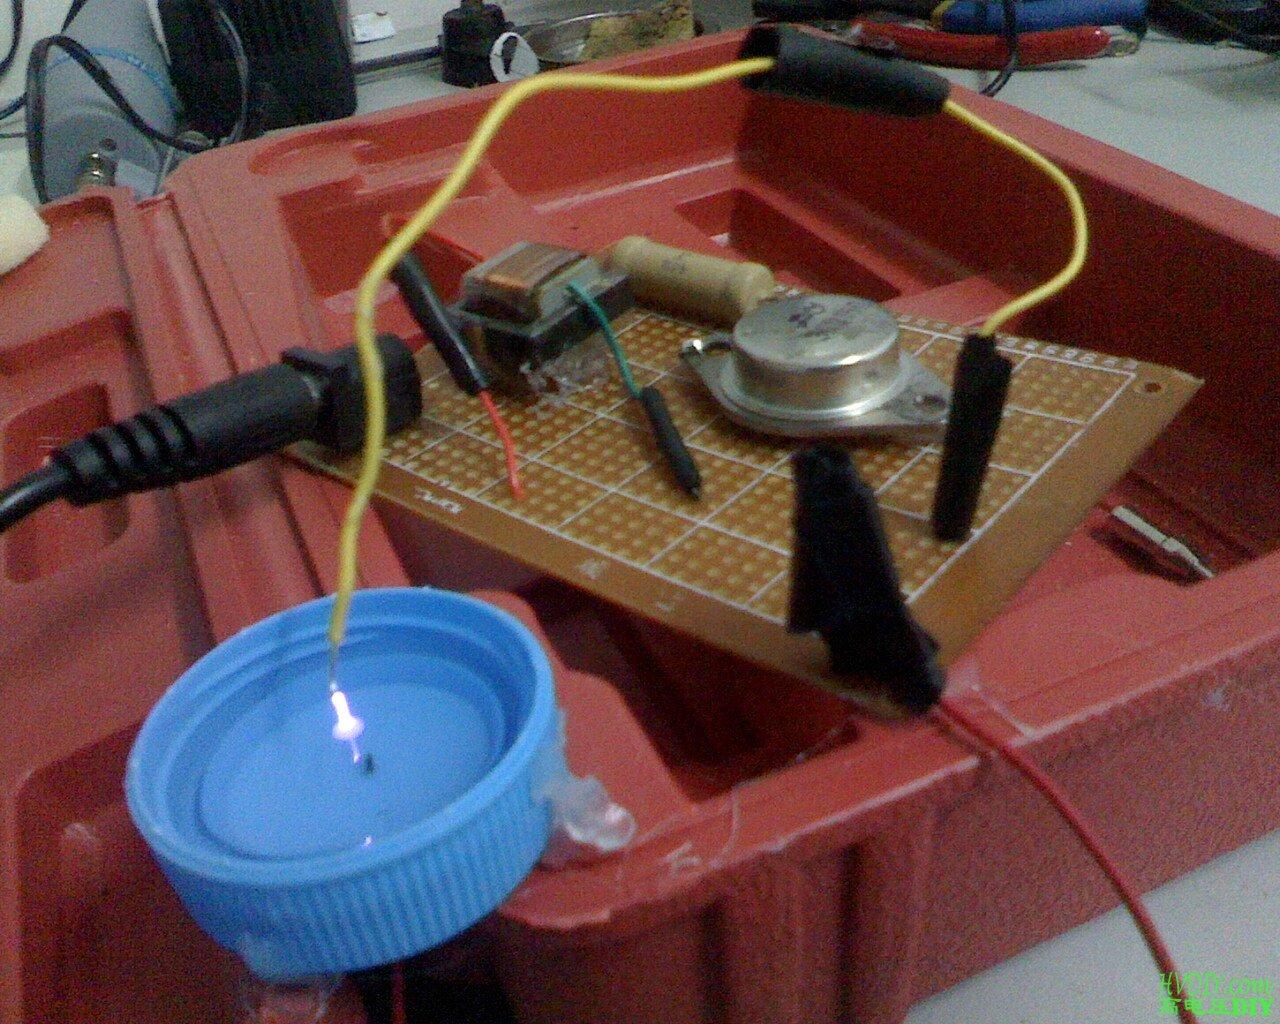 一端以水作为电极进行放电